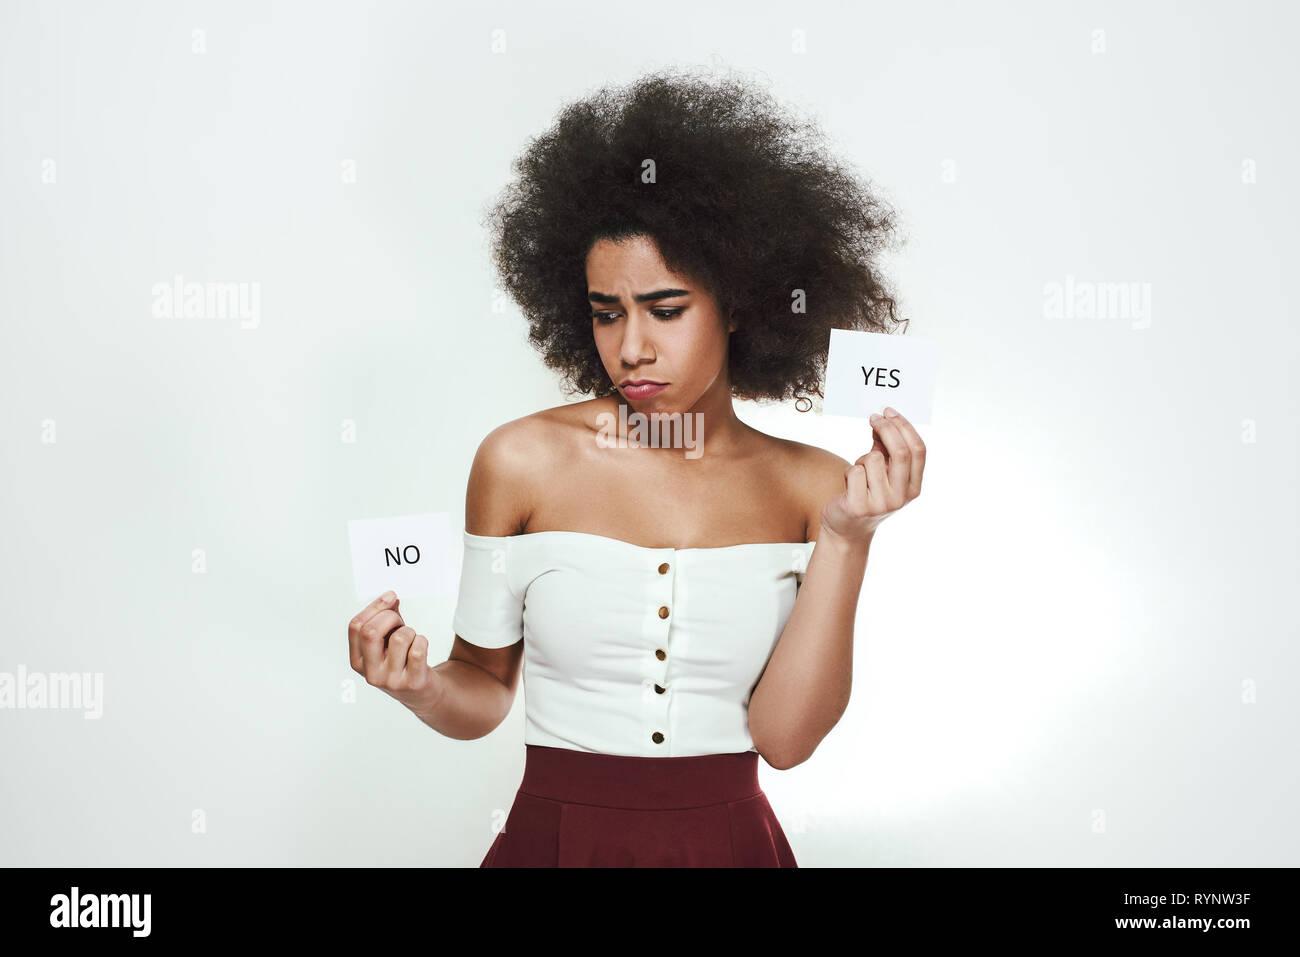 Io non sono sicuro...confuso giovani afro american donna è in possesso di carte con sì e no su di loro e pensare mentre in piedi contro uno sfondo grigio. Concetto di dubbio. Processo di pensiero Immagini Stock